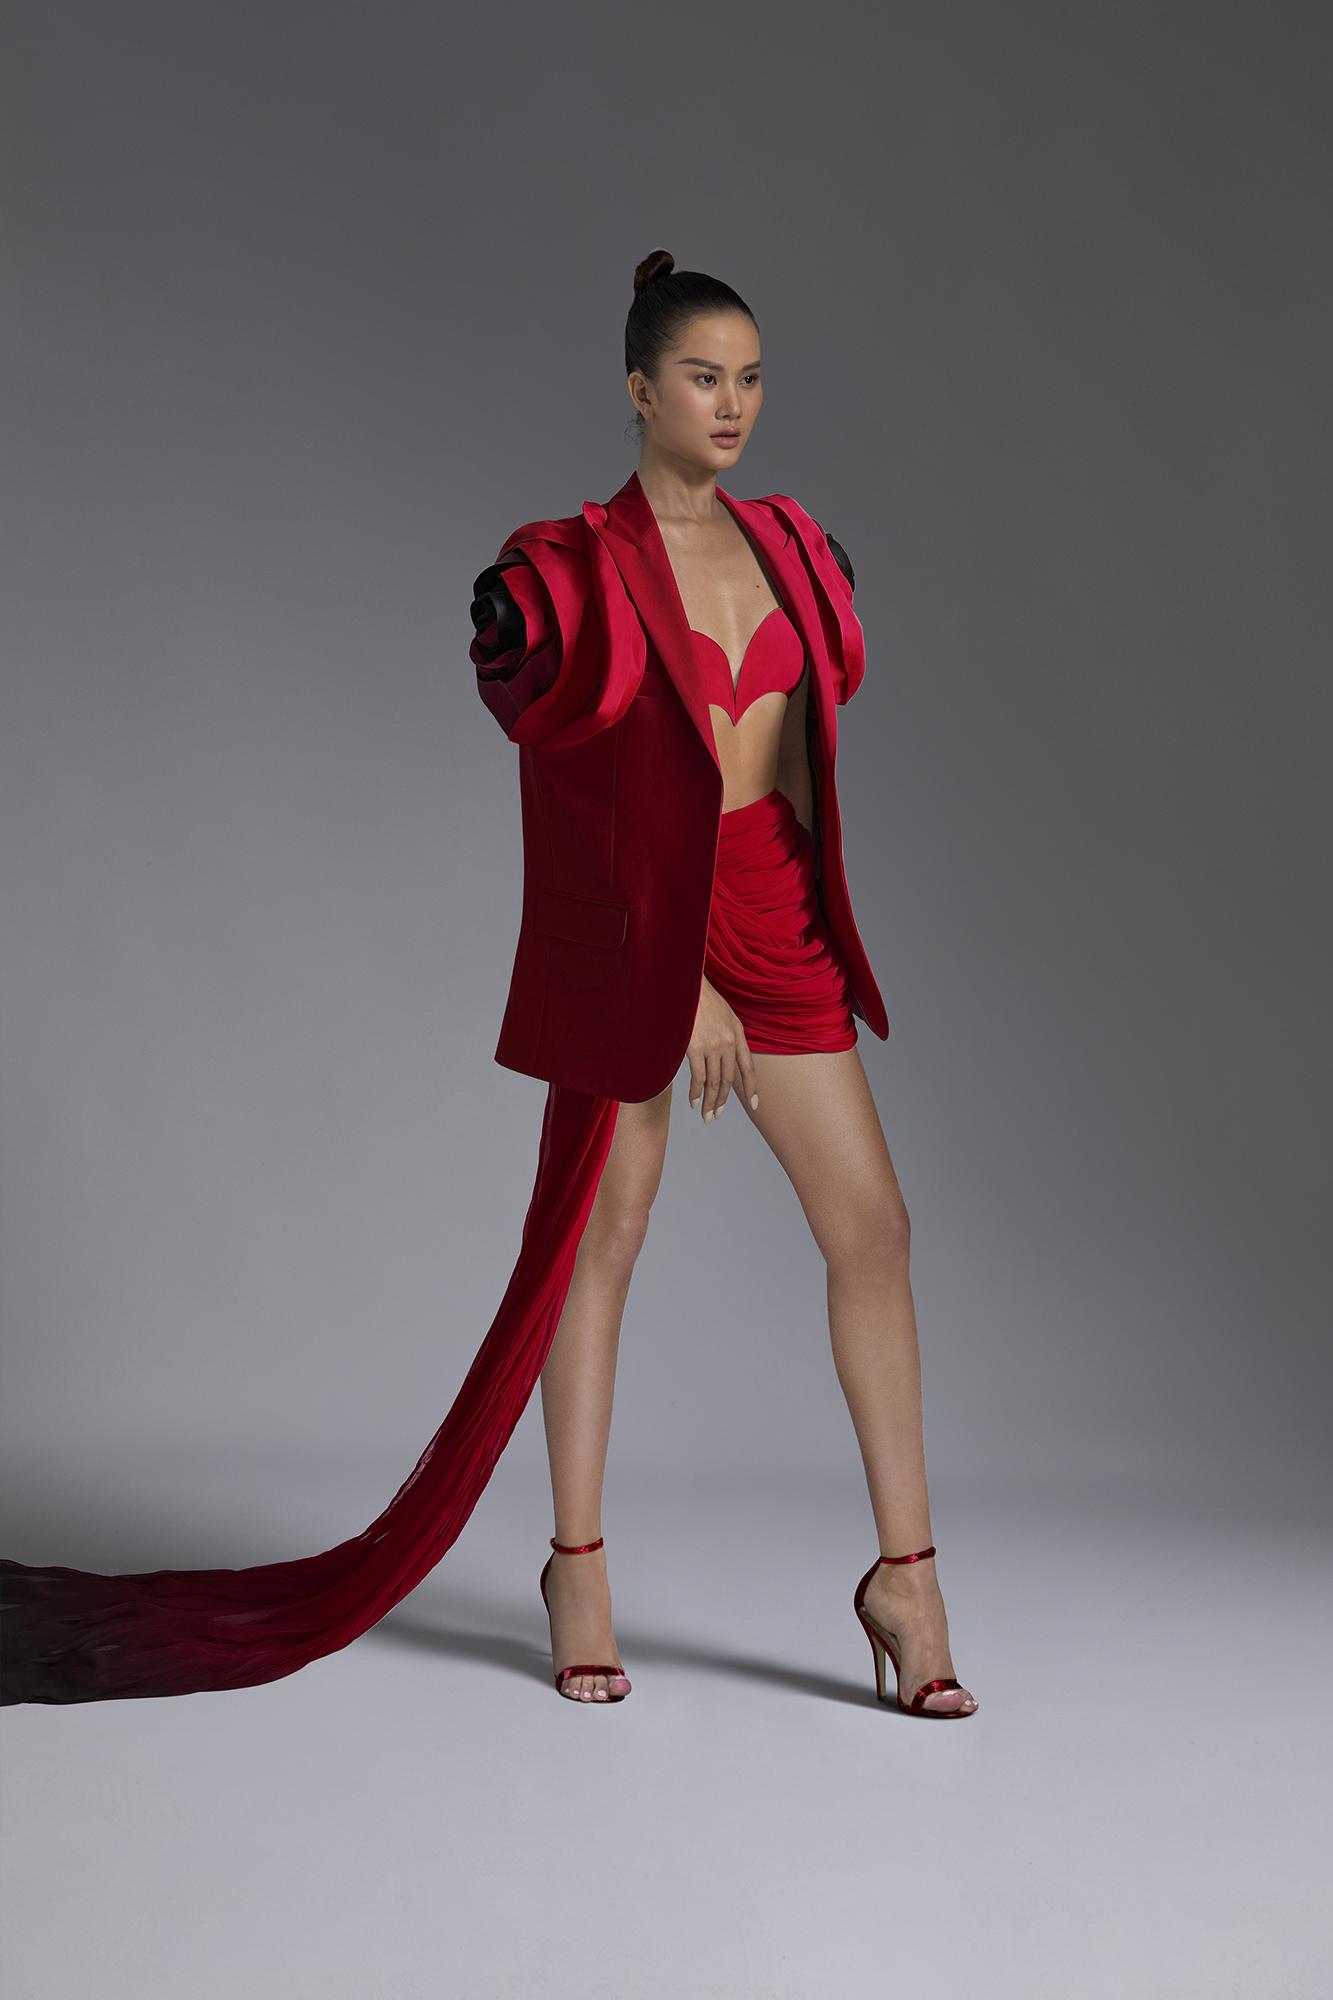 Bộ trang phục khiến người xem thích thú bởi chiếc áo blazer có thiết kế dộc đáo, kết hợp chân váy và crop-top phá cách. Trần Hùng cho biết vì dịch bệnh, giãn cách xã hội nên xưởng may không thể hoạt động. Anh tự làm hết mọi khâu, từ lên ý tưởng, vẽ bản thảo, cắt, may... NTK ví von BST lần này ra đời giống như việc trồng hoa, phải làm từ đầu đến cuối, và rất hạnh phúc khi đón nhận thành quả.